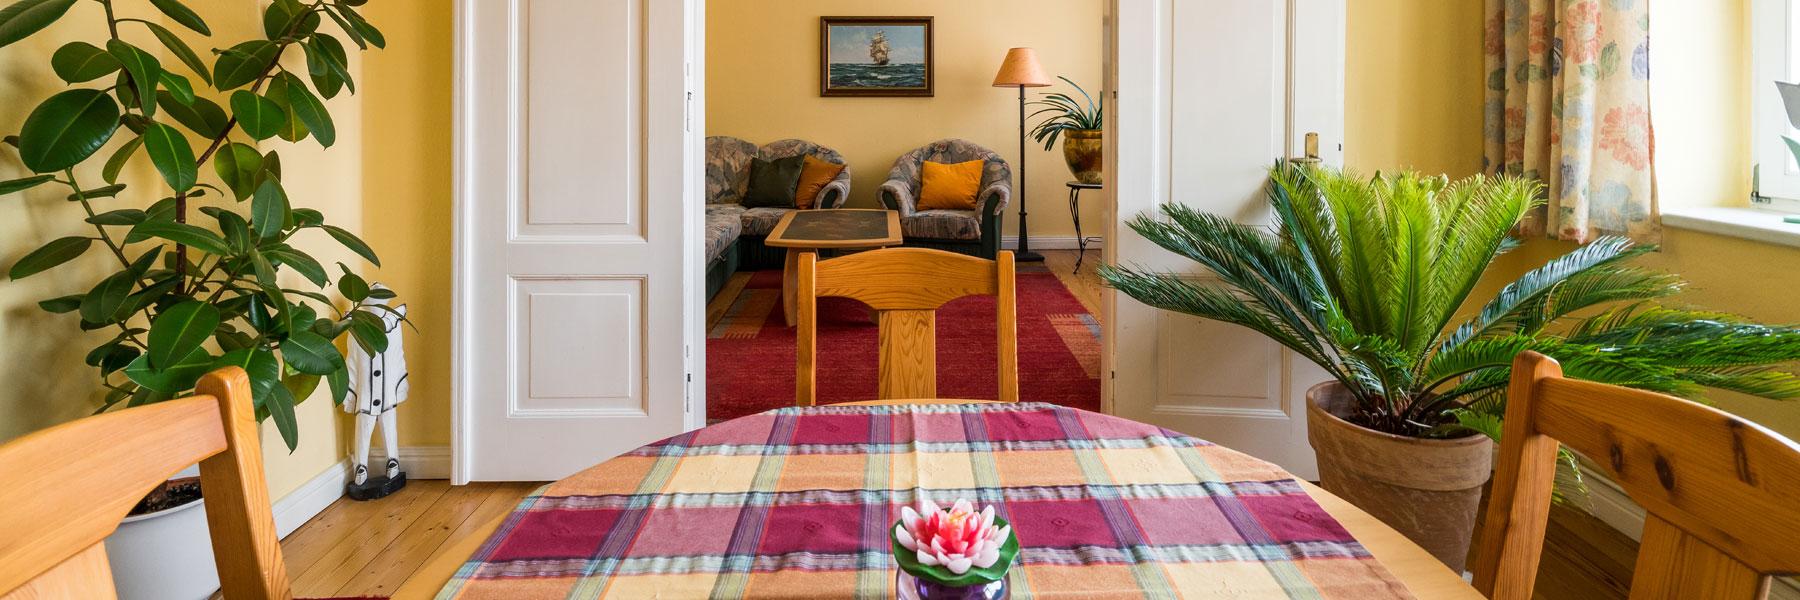 Esstisch mit Blick ins Wohnzimmer - Ferienwohnungen Bork